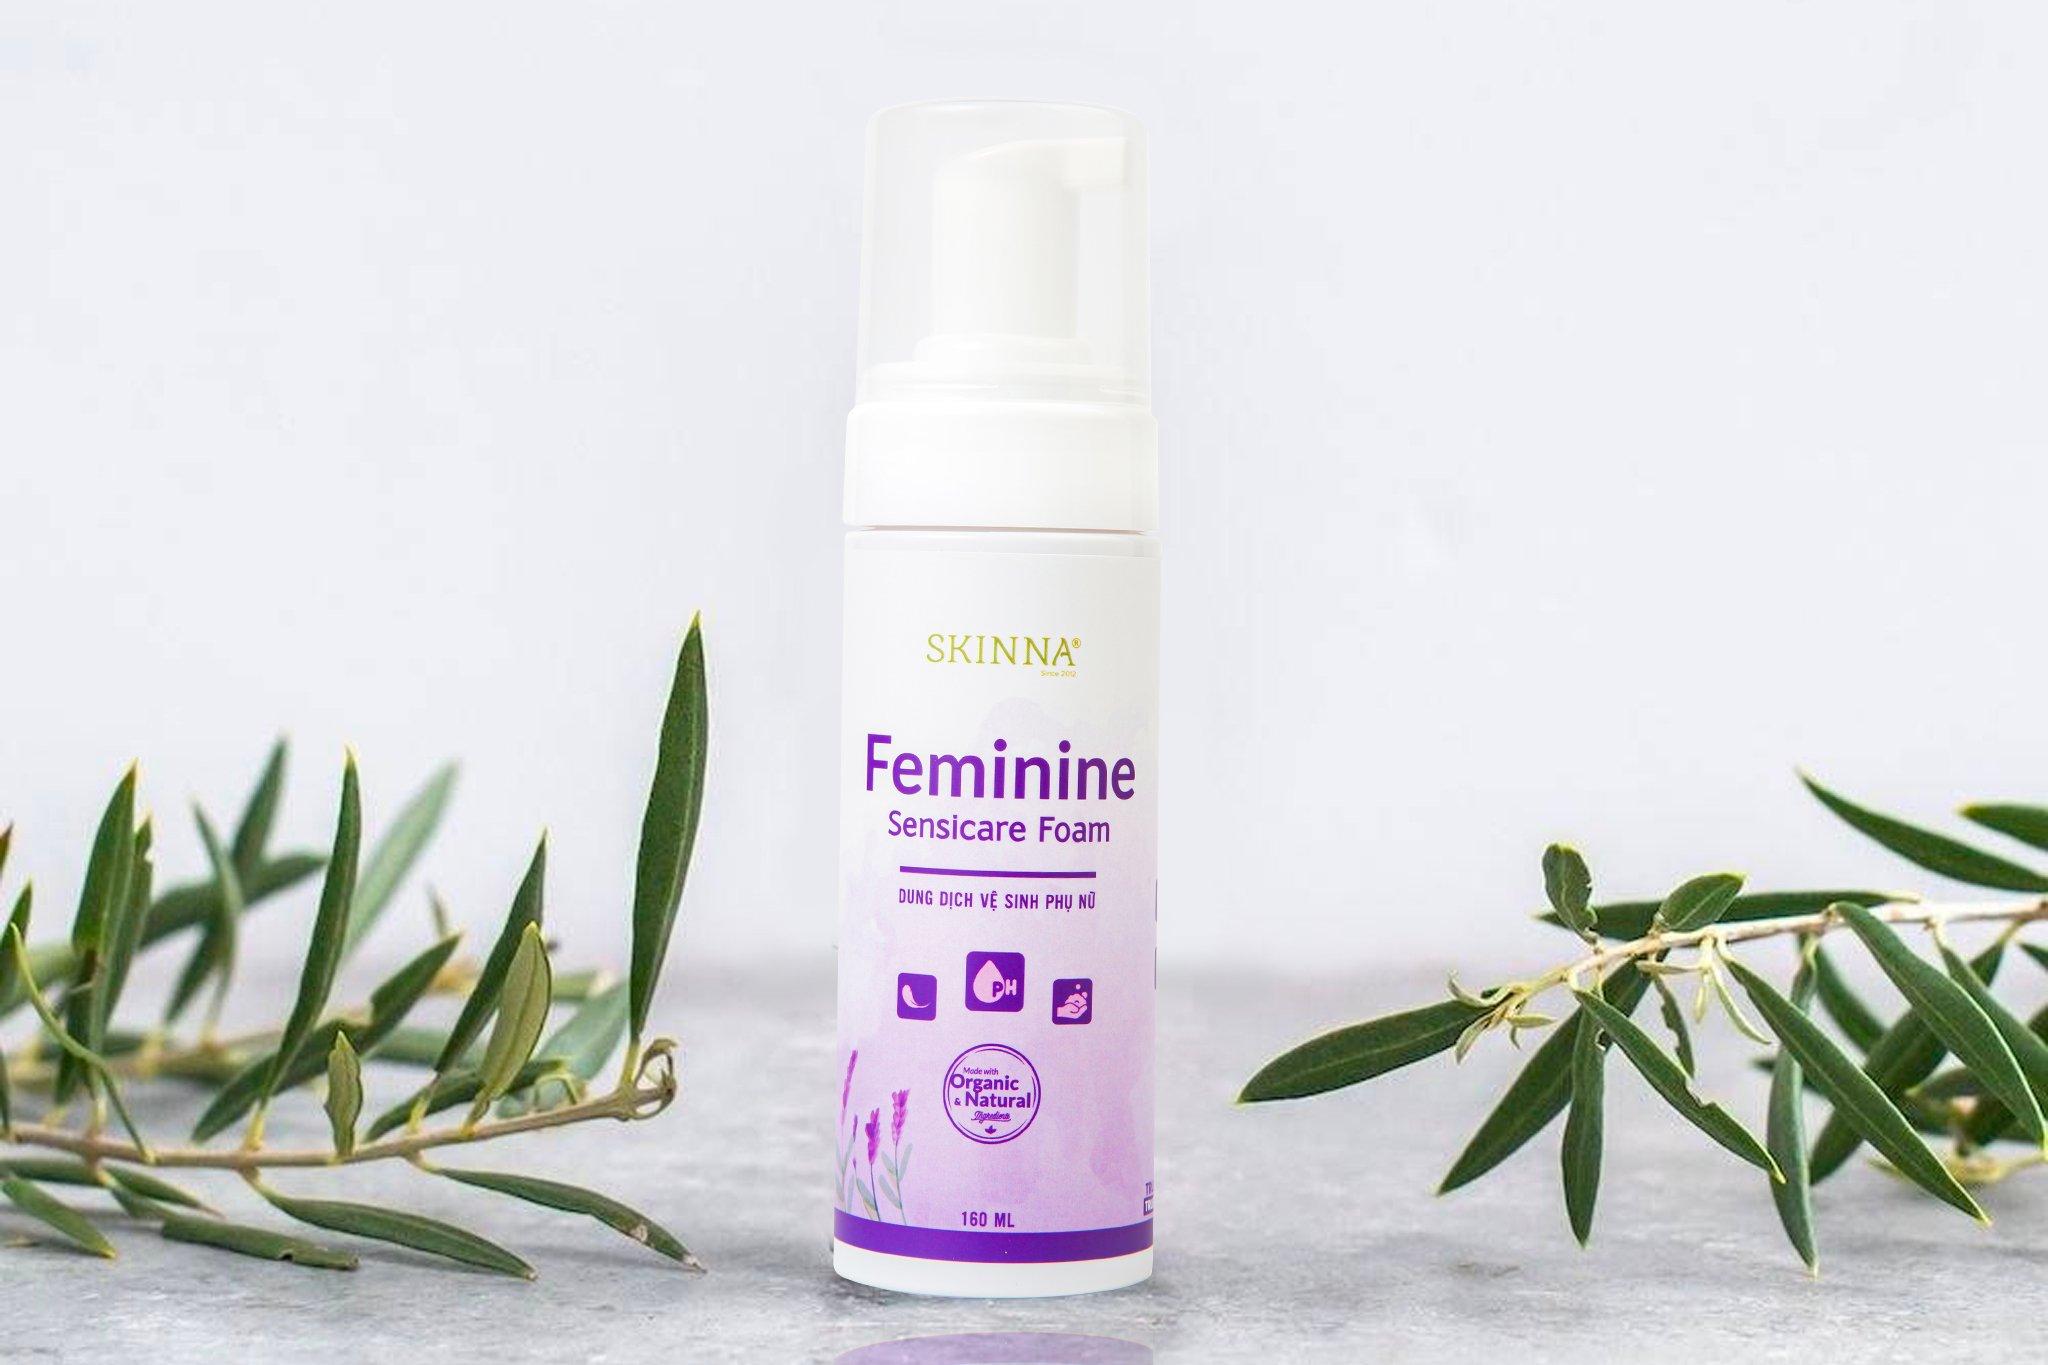 Chính thức ra mắt Dung Dịch Vệ Sinh Phụ Nữ - Feminine Sensicare Foam